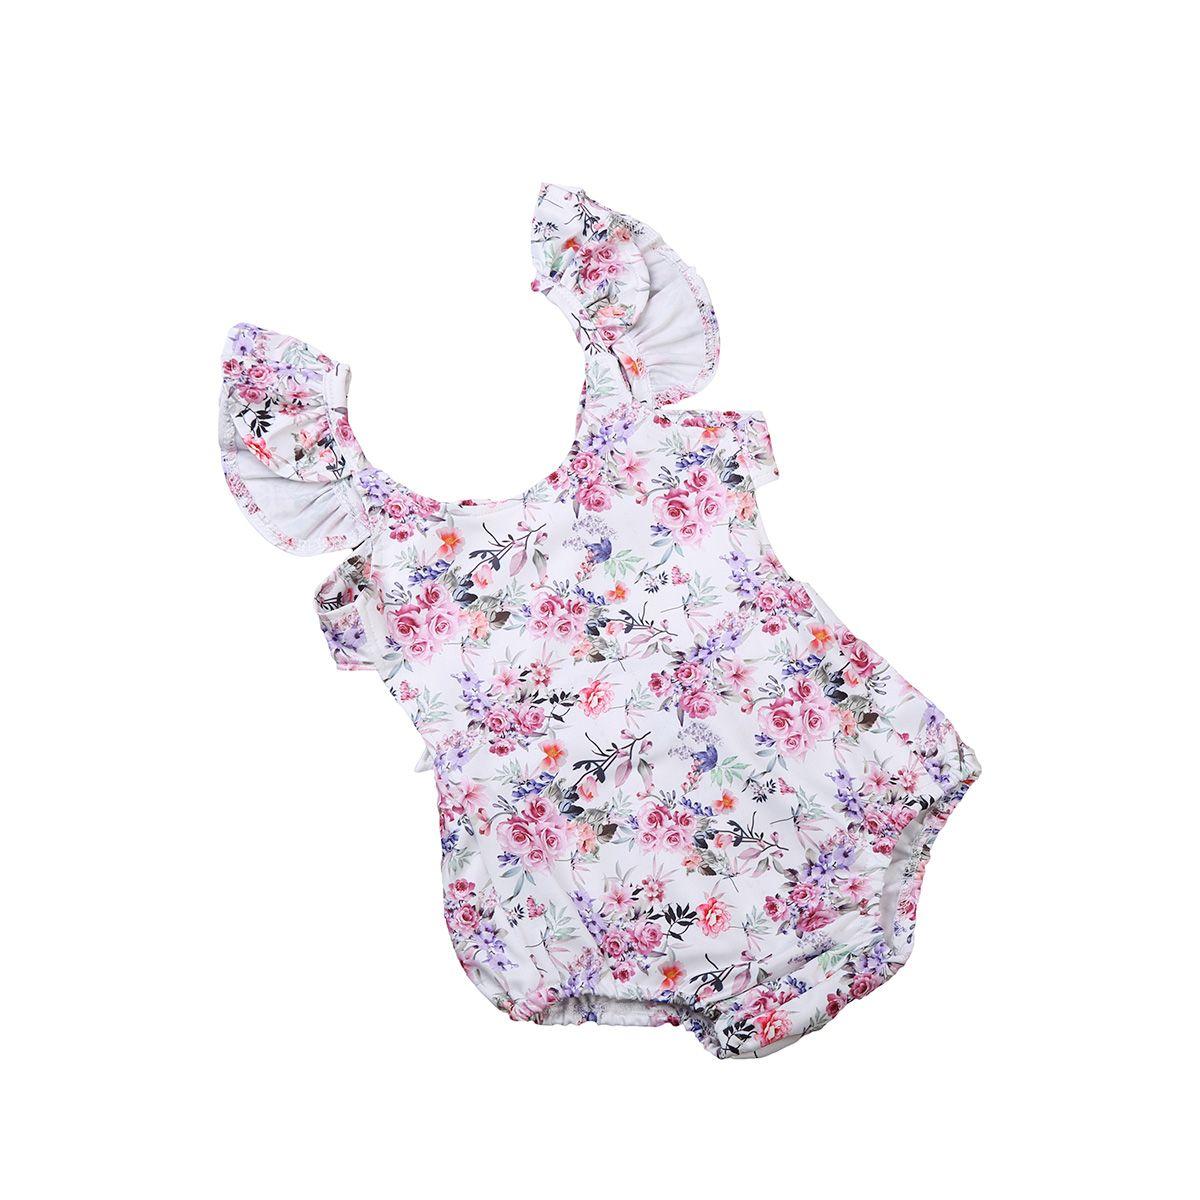 68a16a62cbd 0-24M Newborn Baby Girls Sleeveless Ruffle Floral Backless Bodysuit Flower  Outfits 2017 New Summer